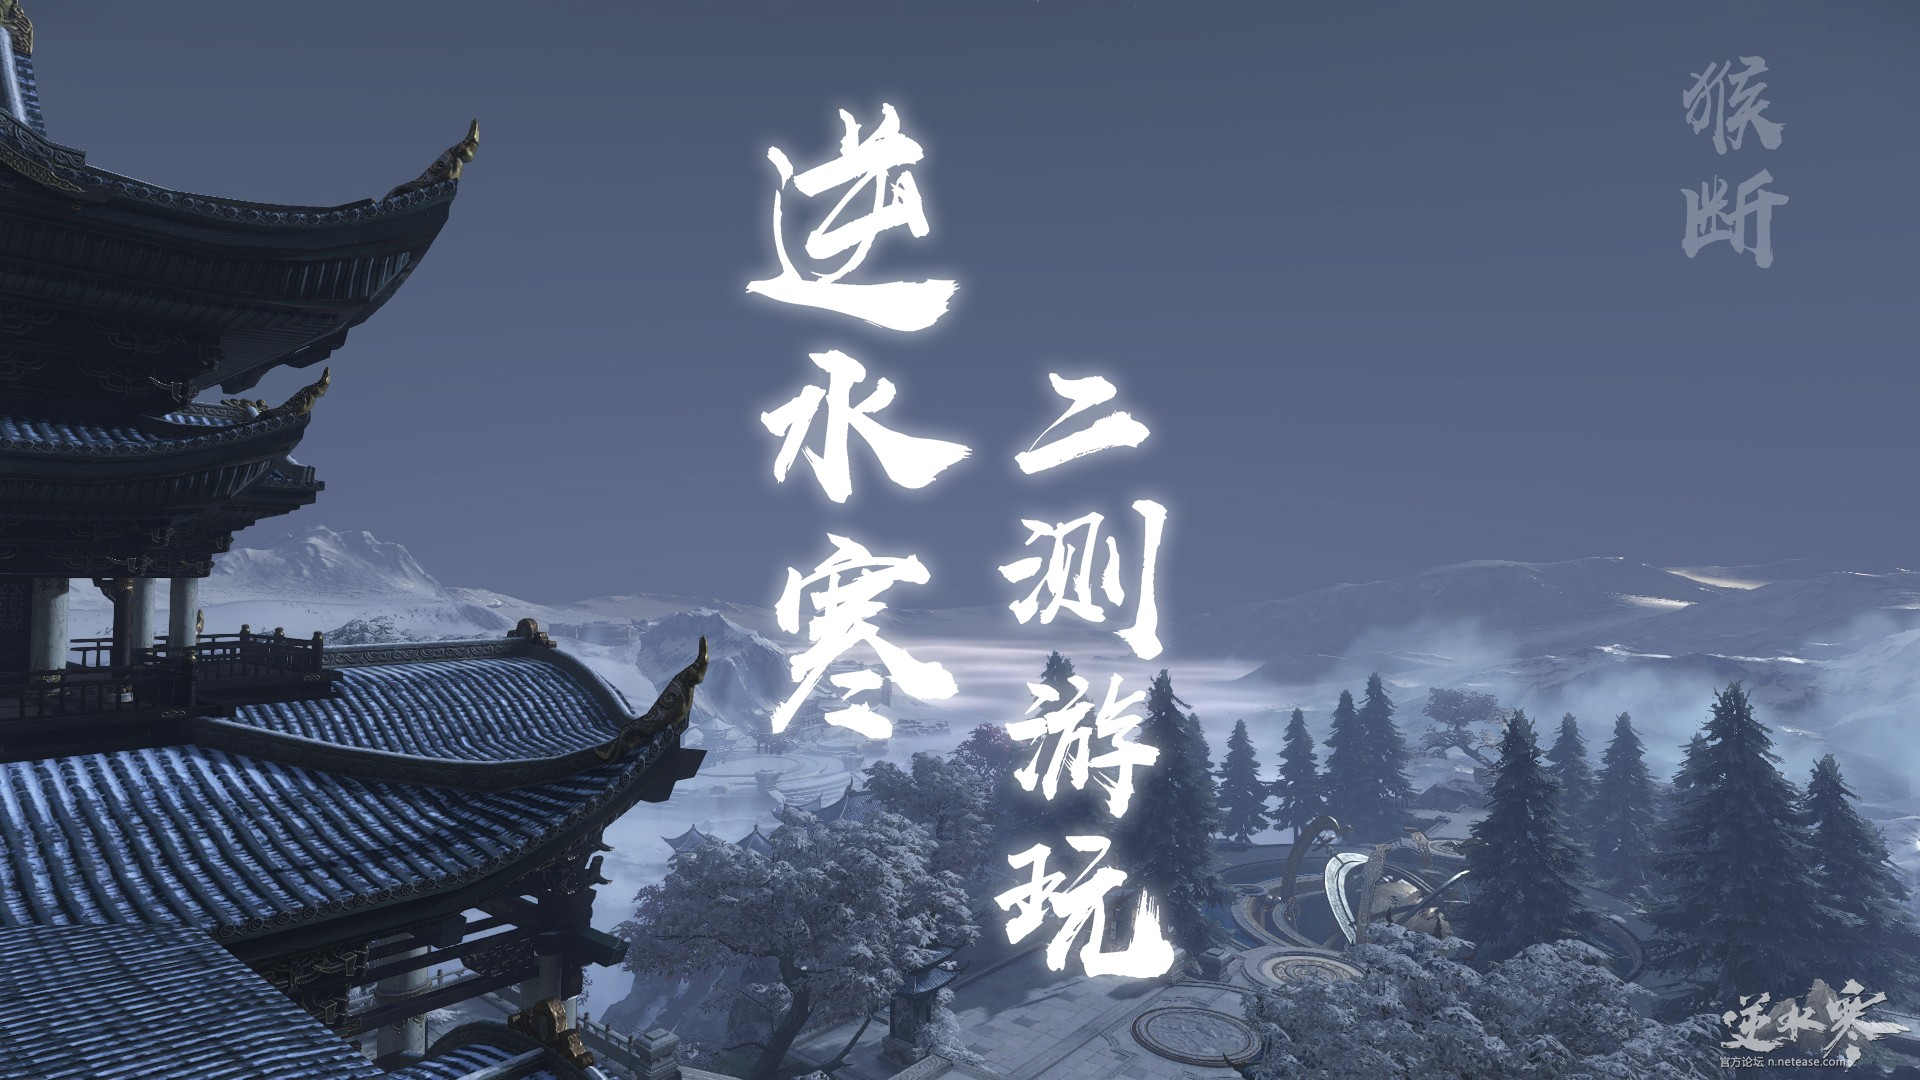 【猴断/游戏剪辑】《逆水寒》听雪二测个人游览记录 - F01